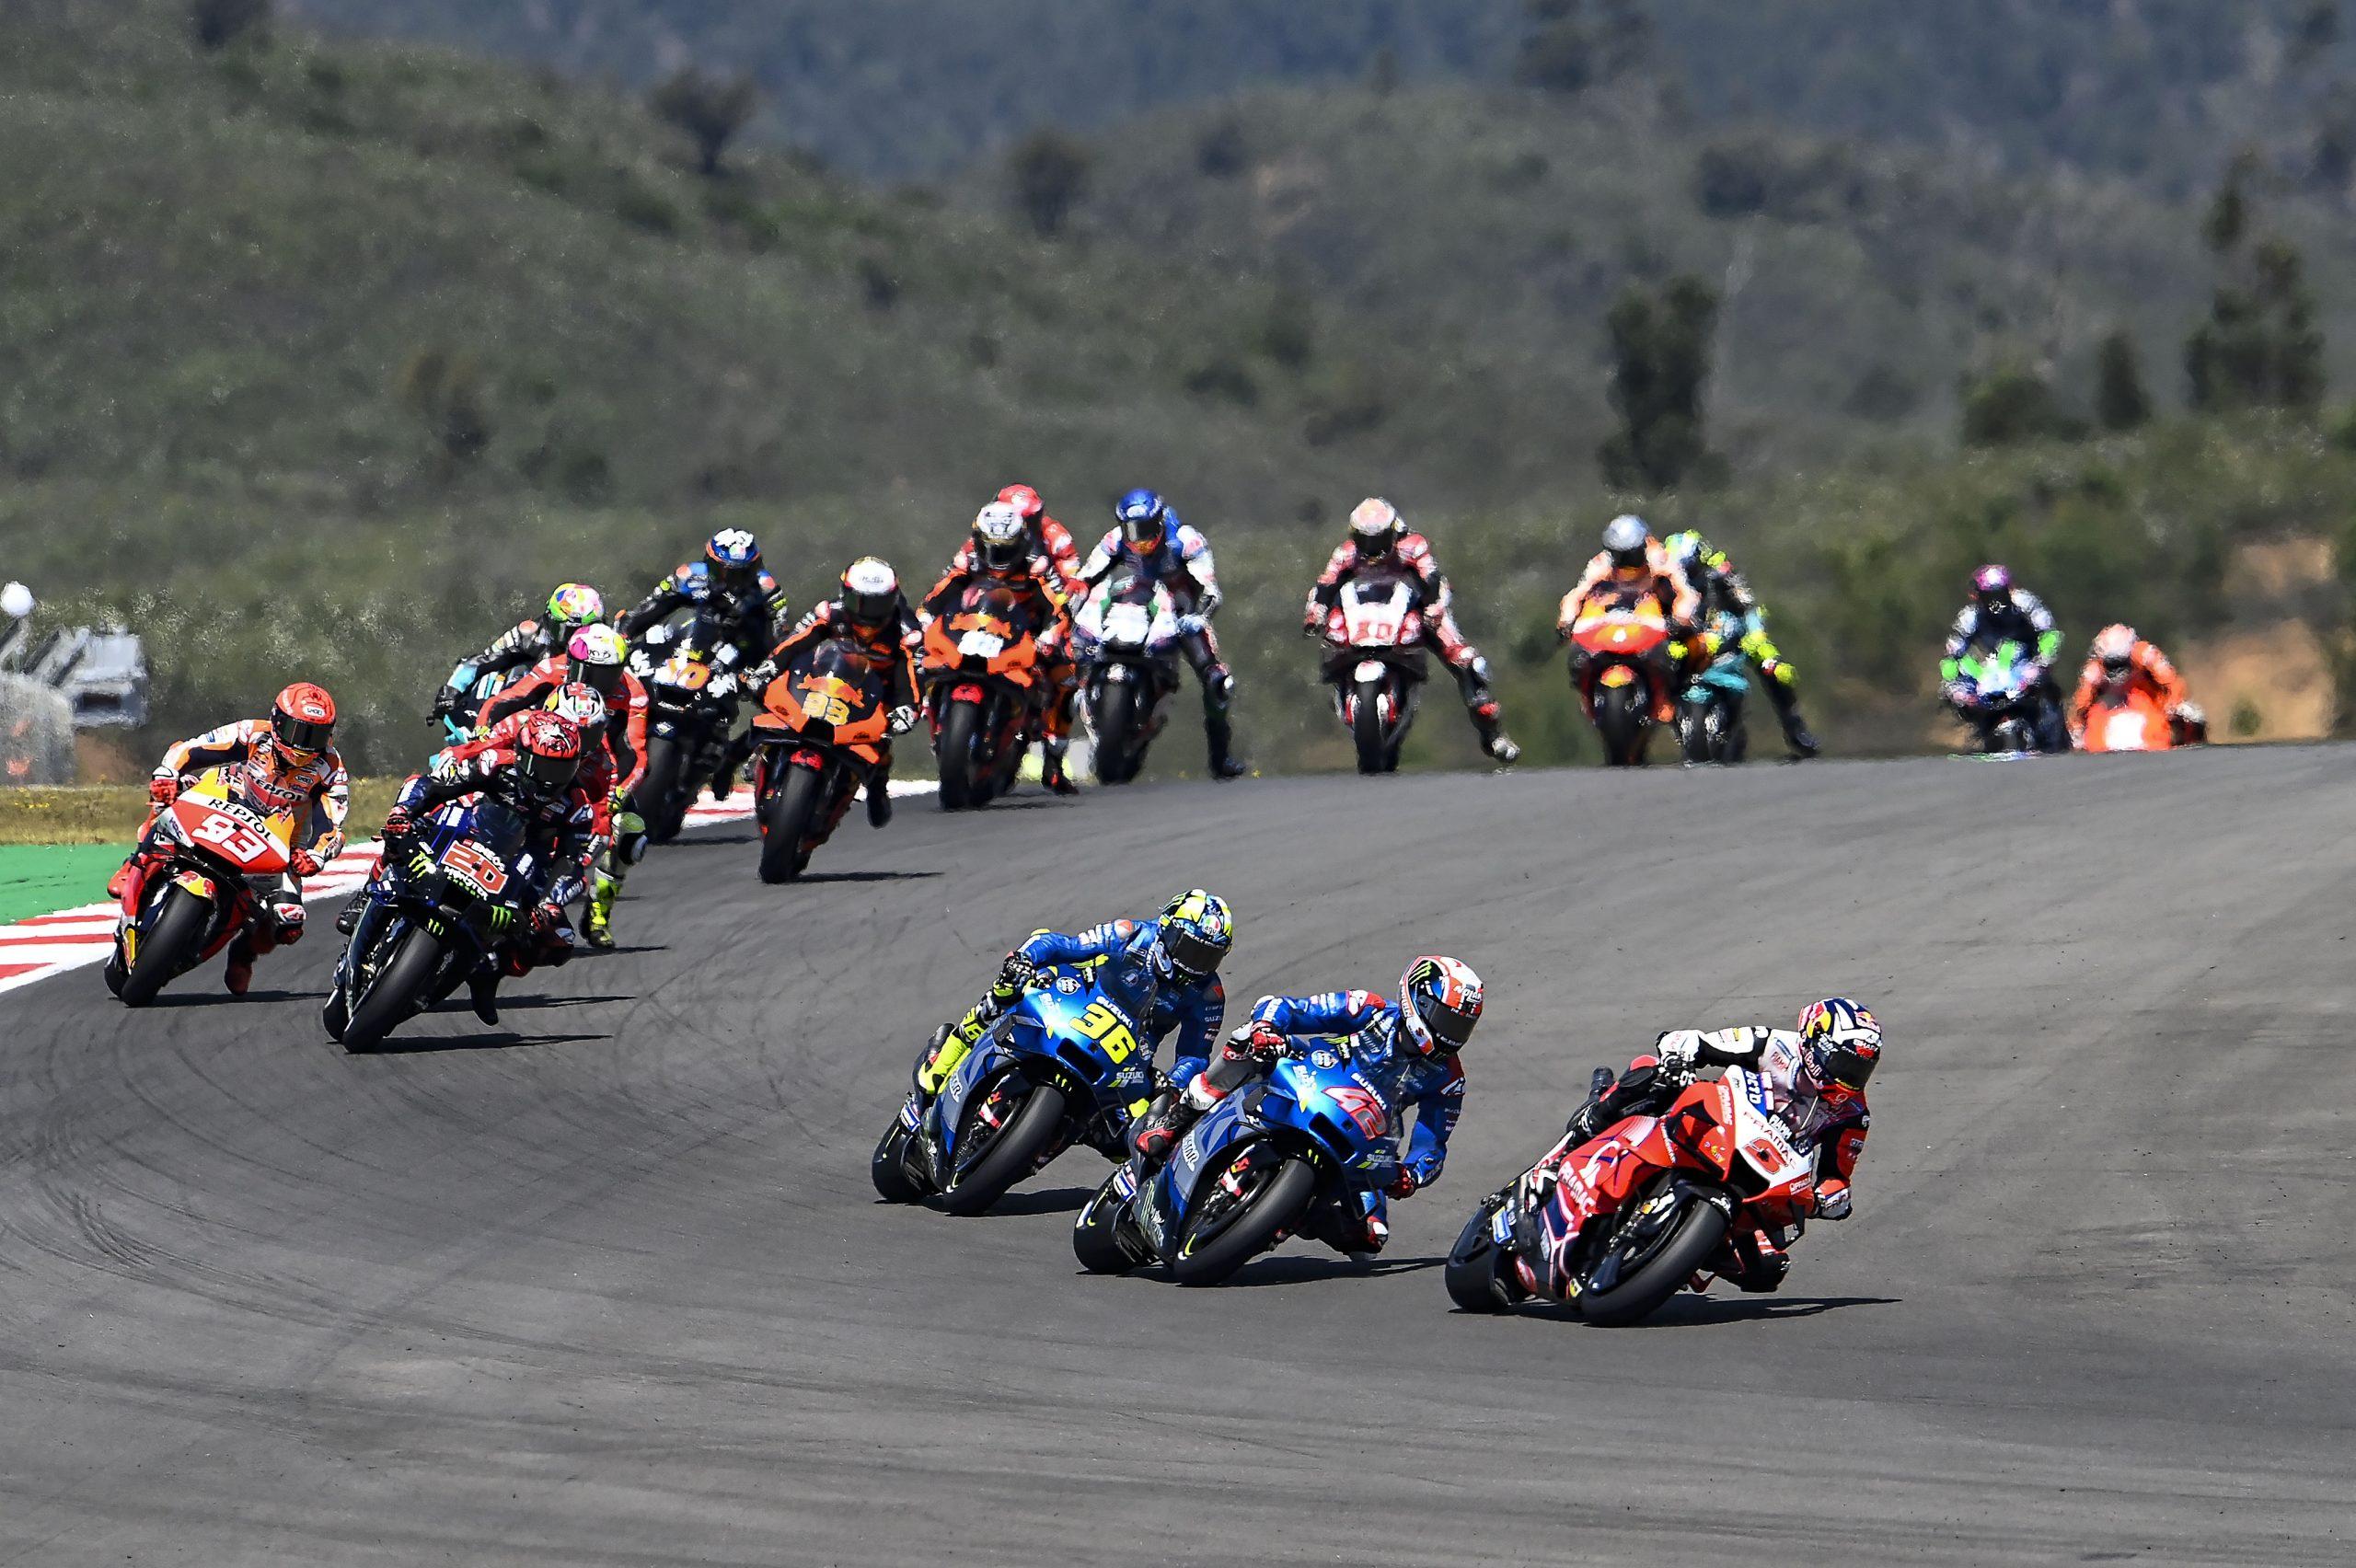 Johann Zarco na czele wyścigu MotoGP w Portugalii